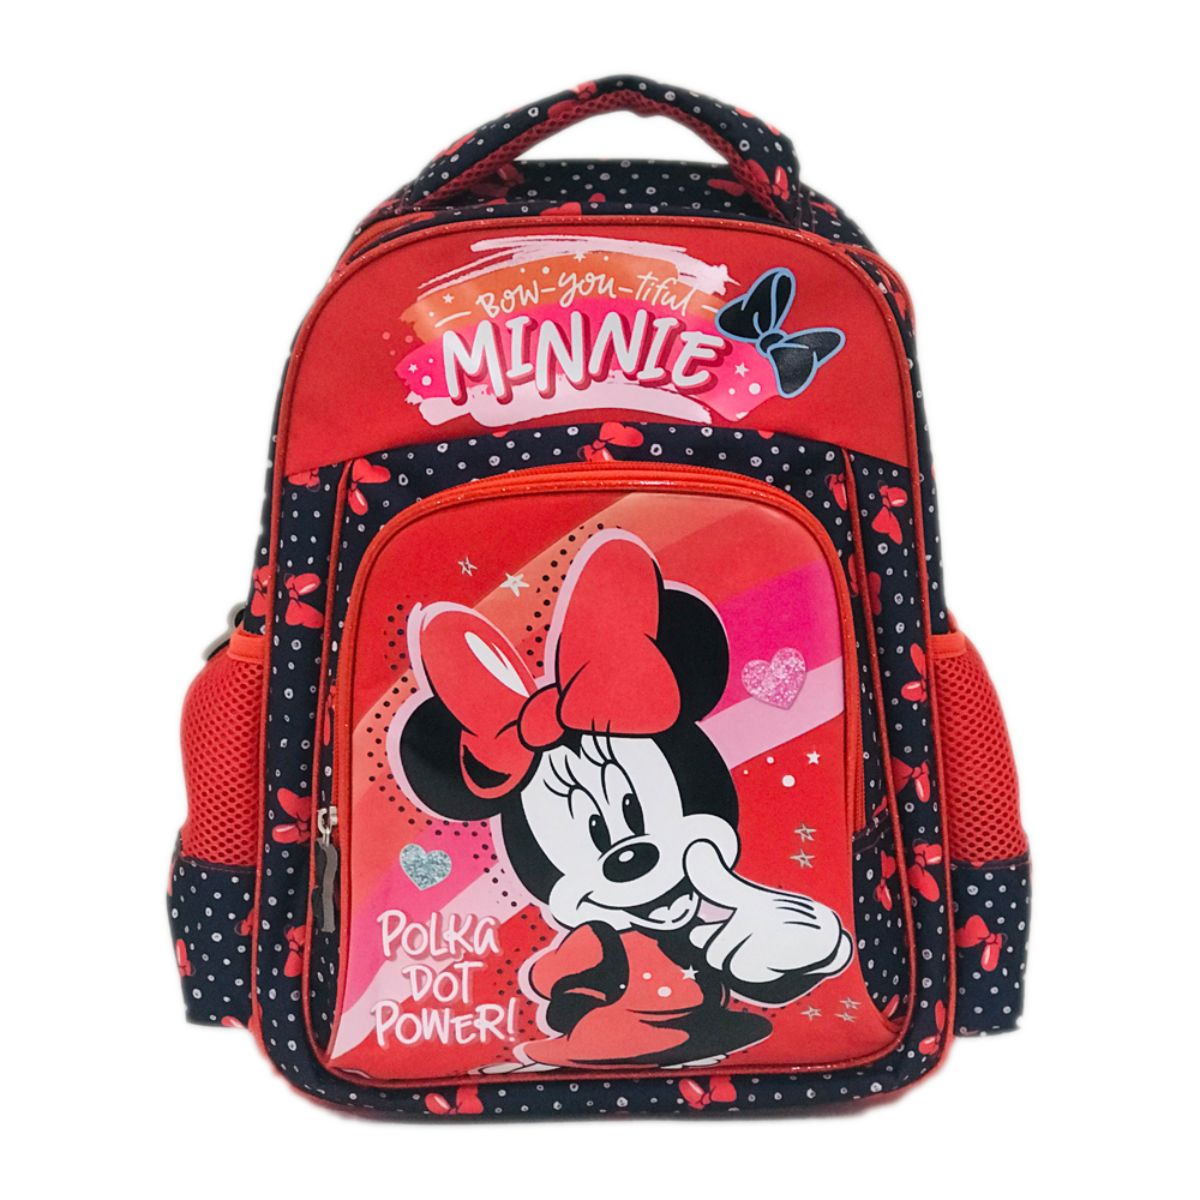 Ghiozdan midi Minnie Mouse compartimentat